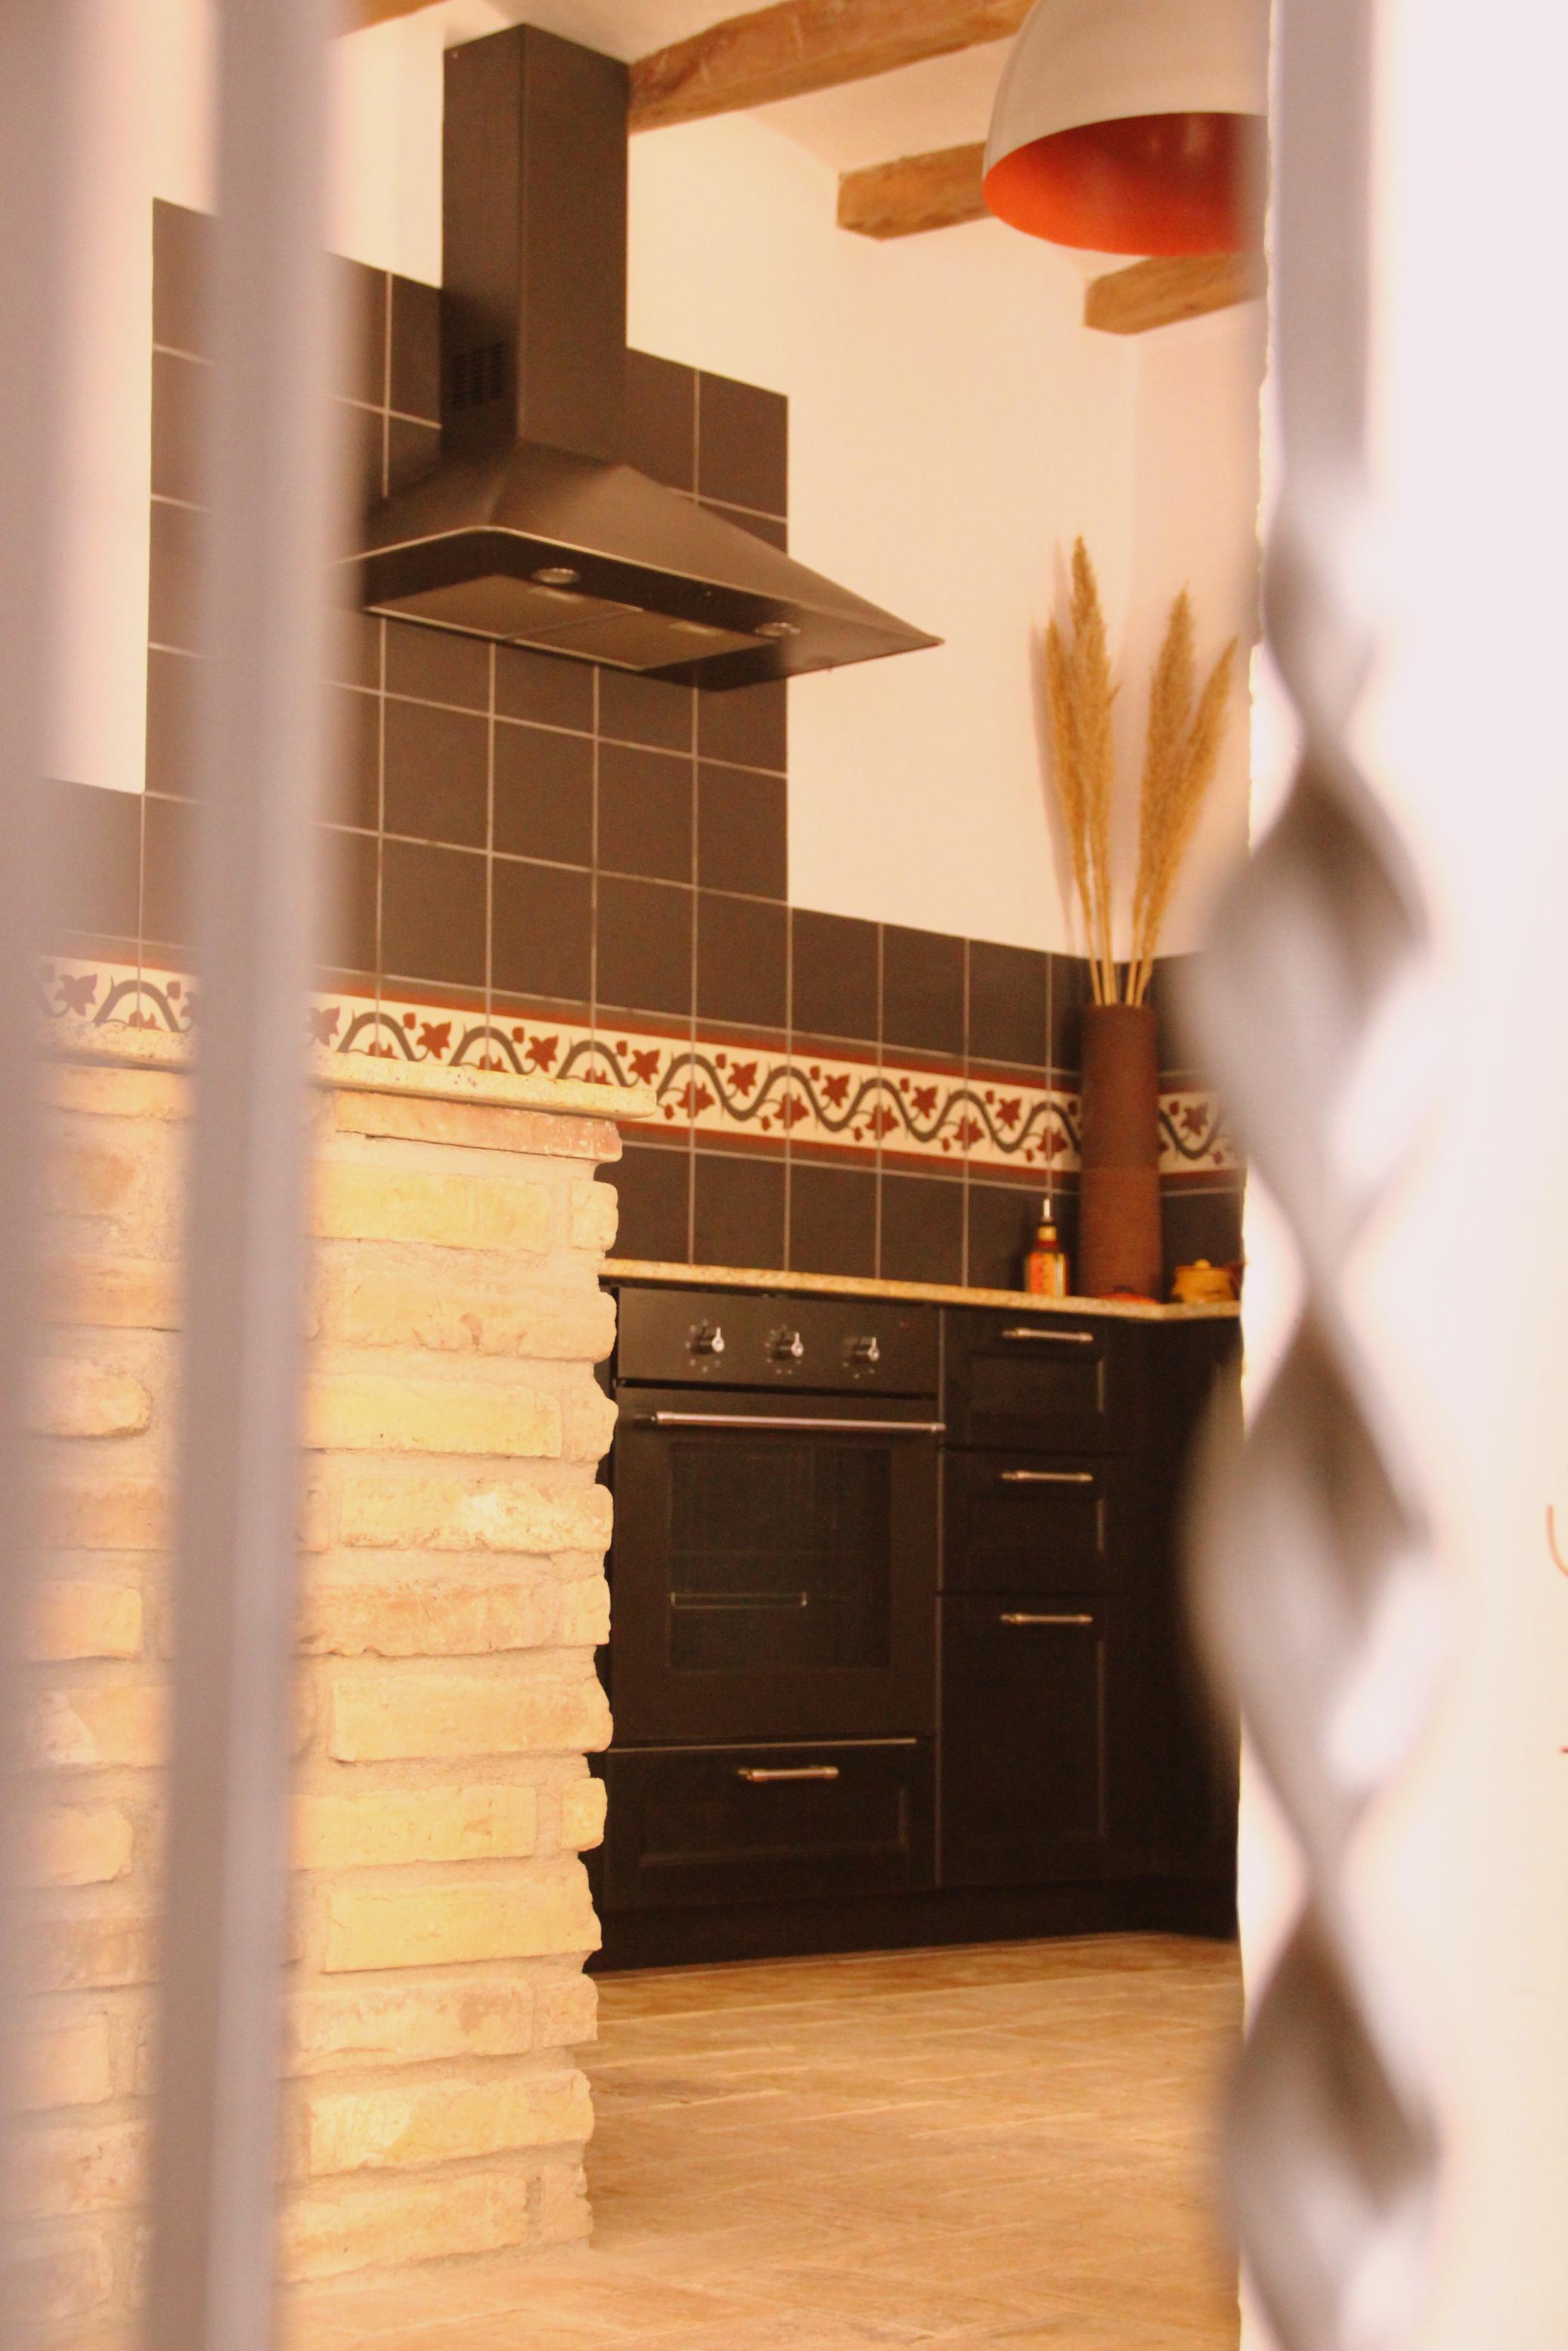 kitchen through the rails